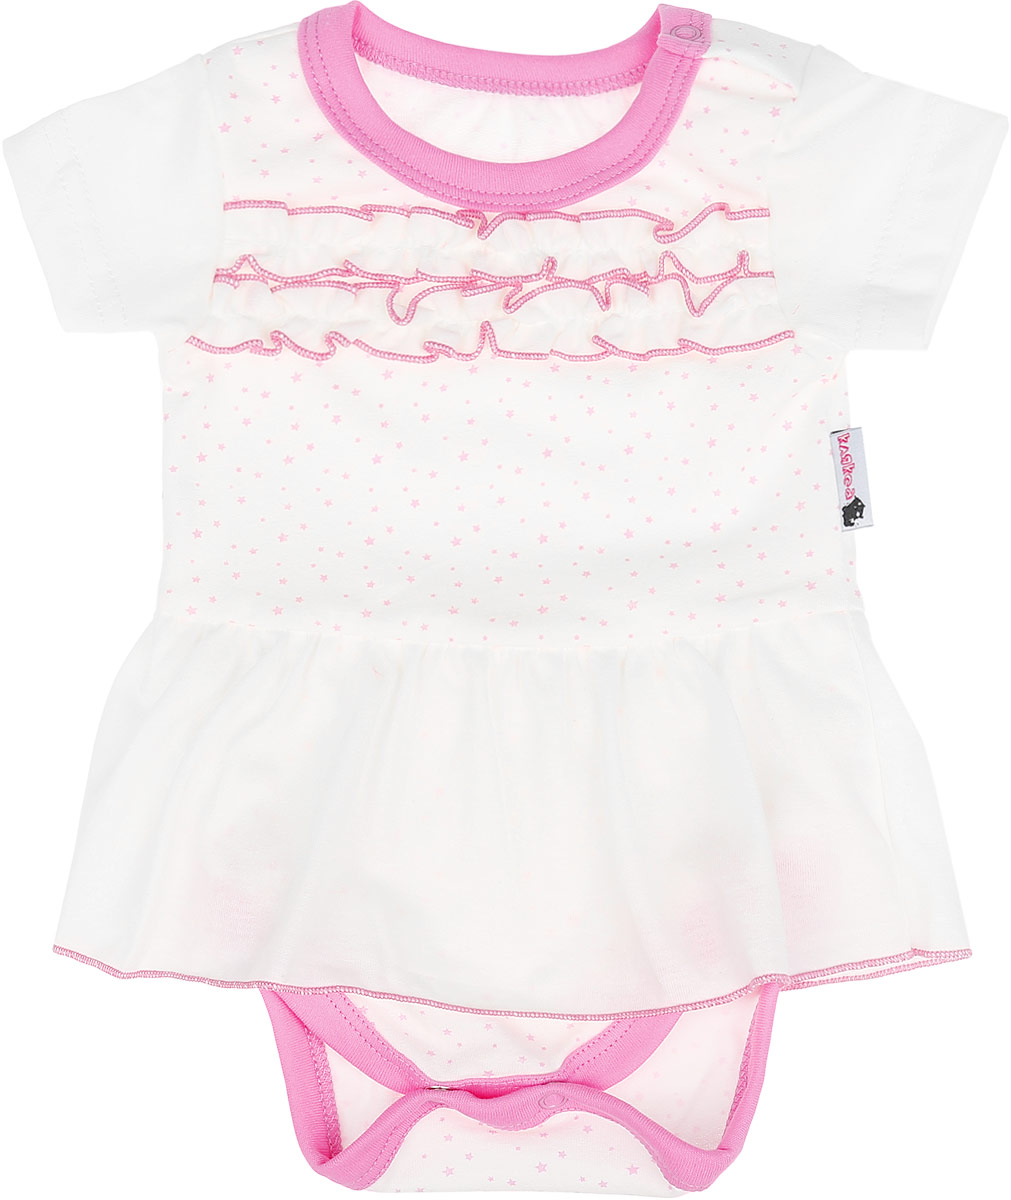 Боди-платье для девочки Клякса, цвет: молочный, розовый. 10зд-325. Размер 80